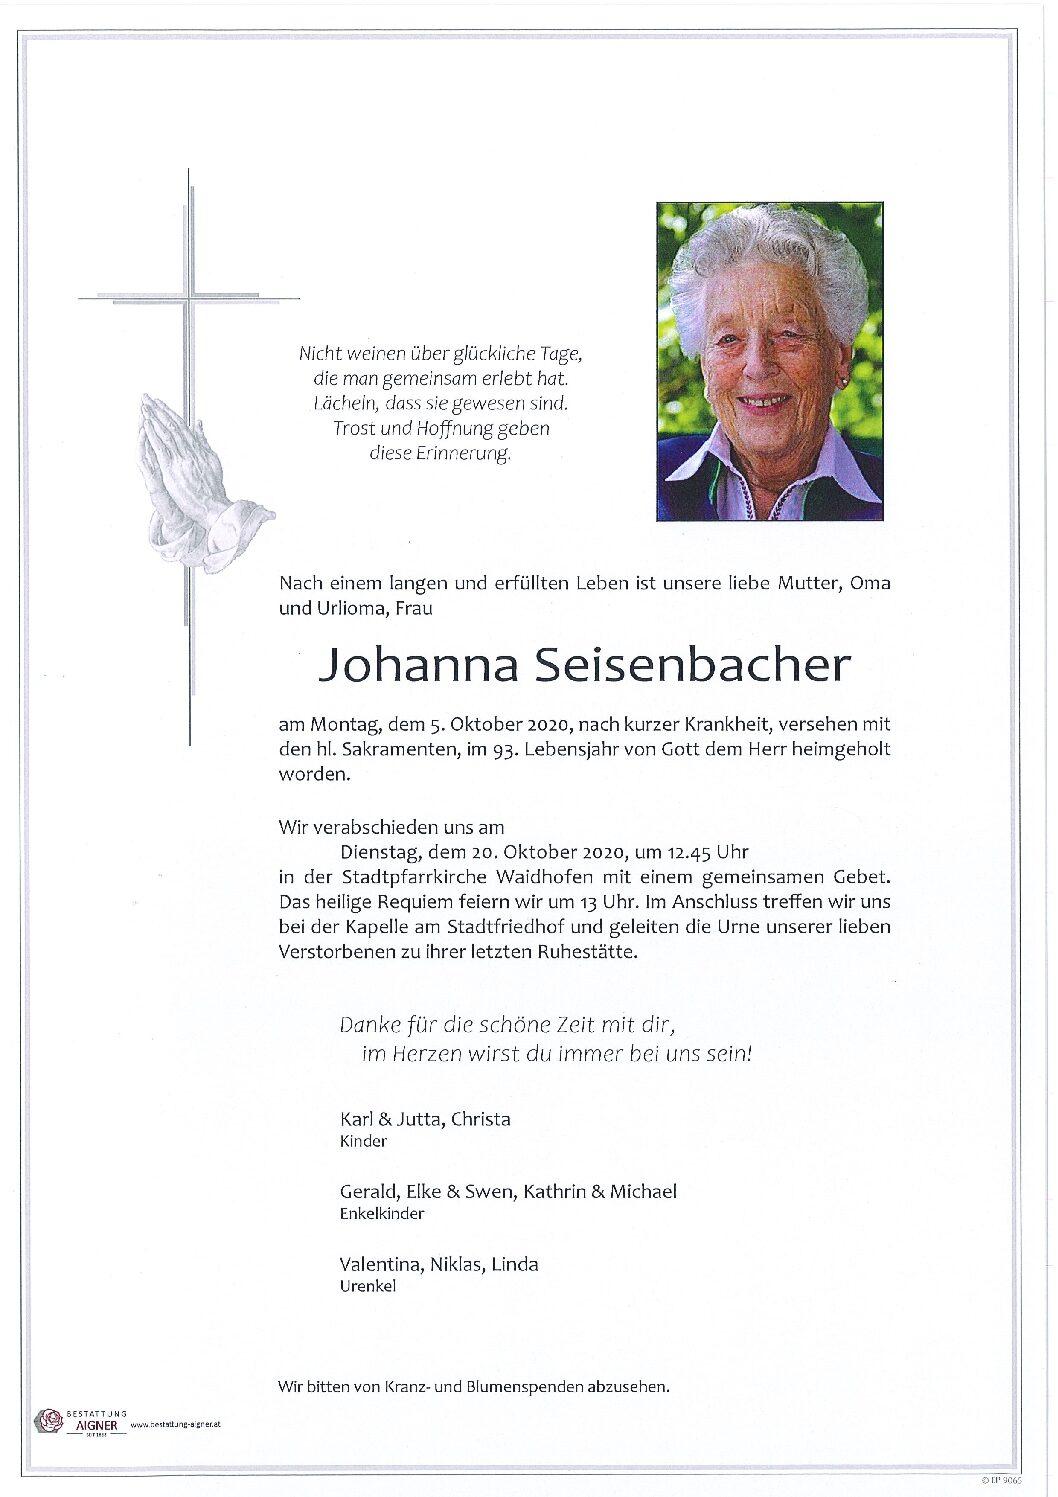 Johanna Seisenbacher